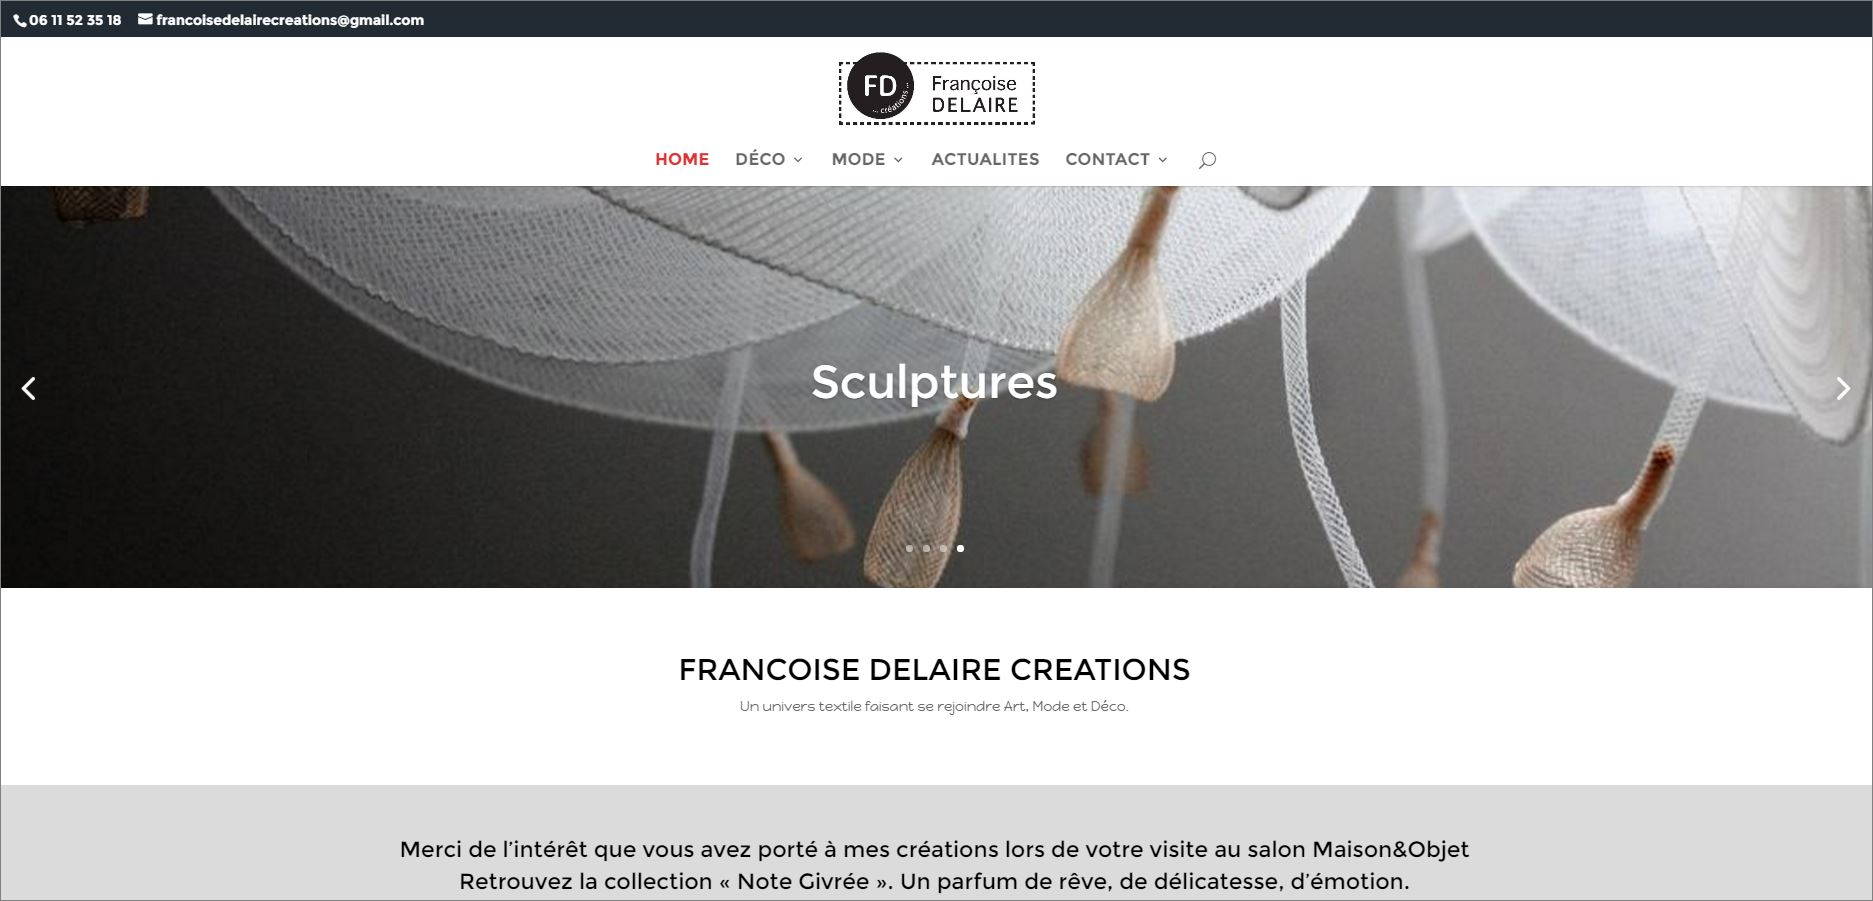 Mise à jour du site et création de l'eshop Françoise Delaire